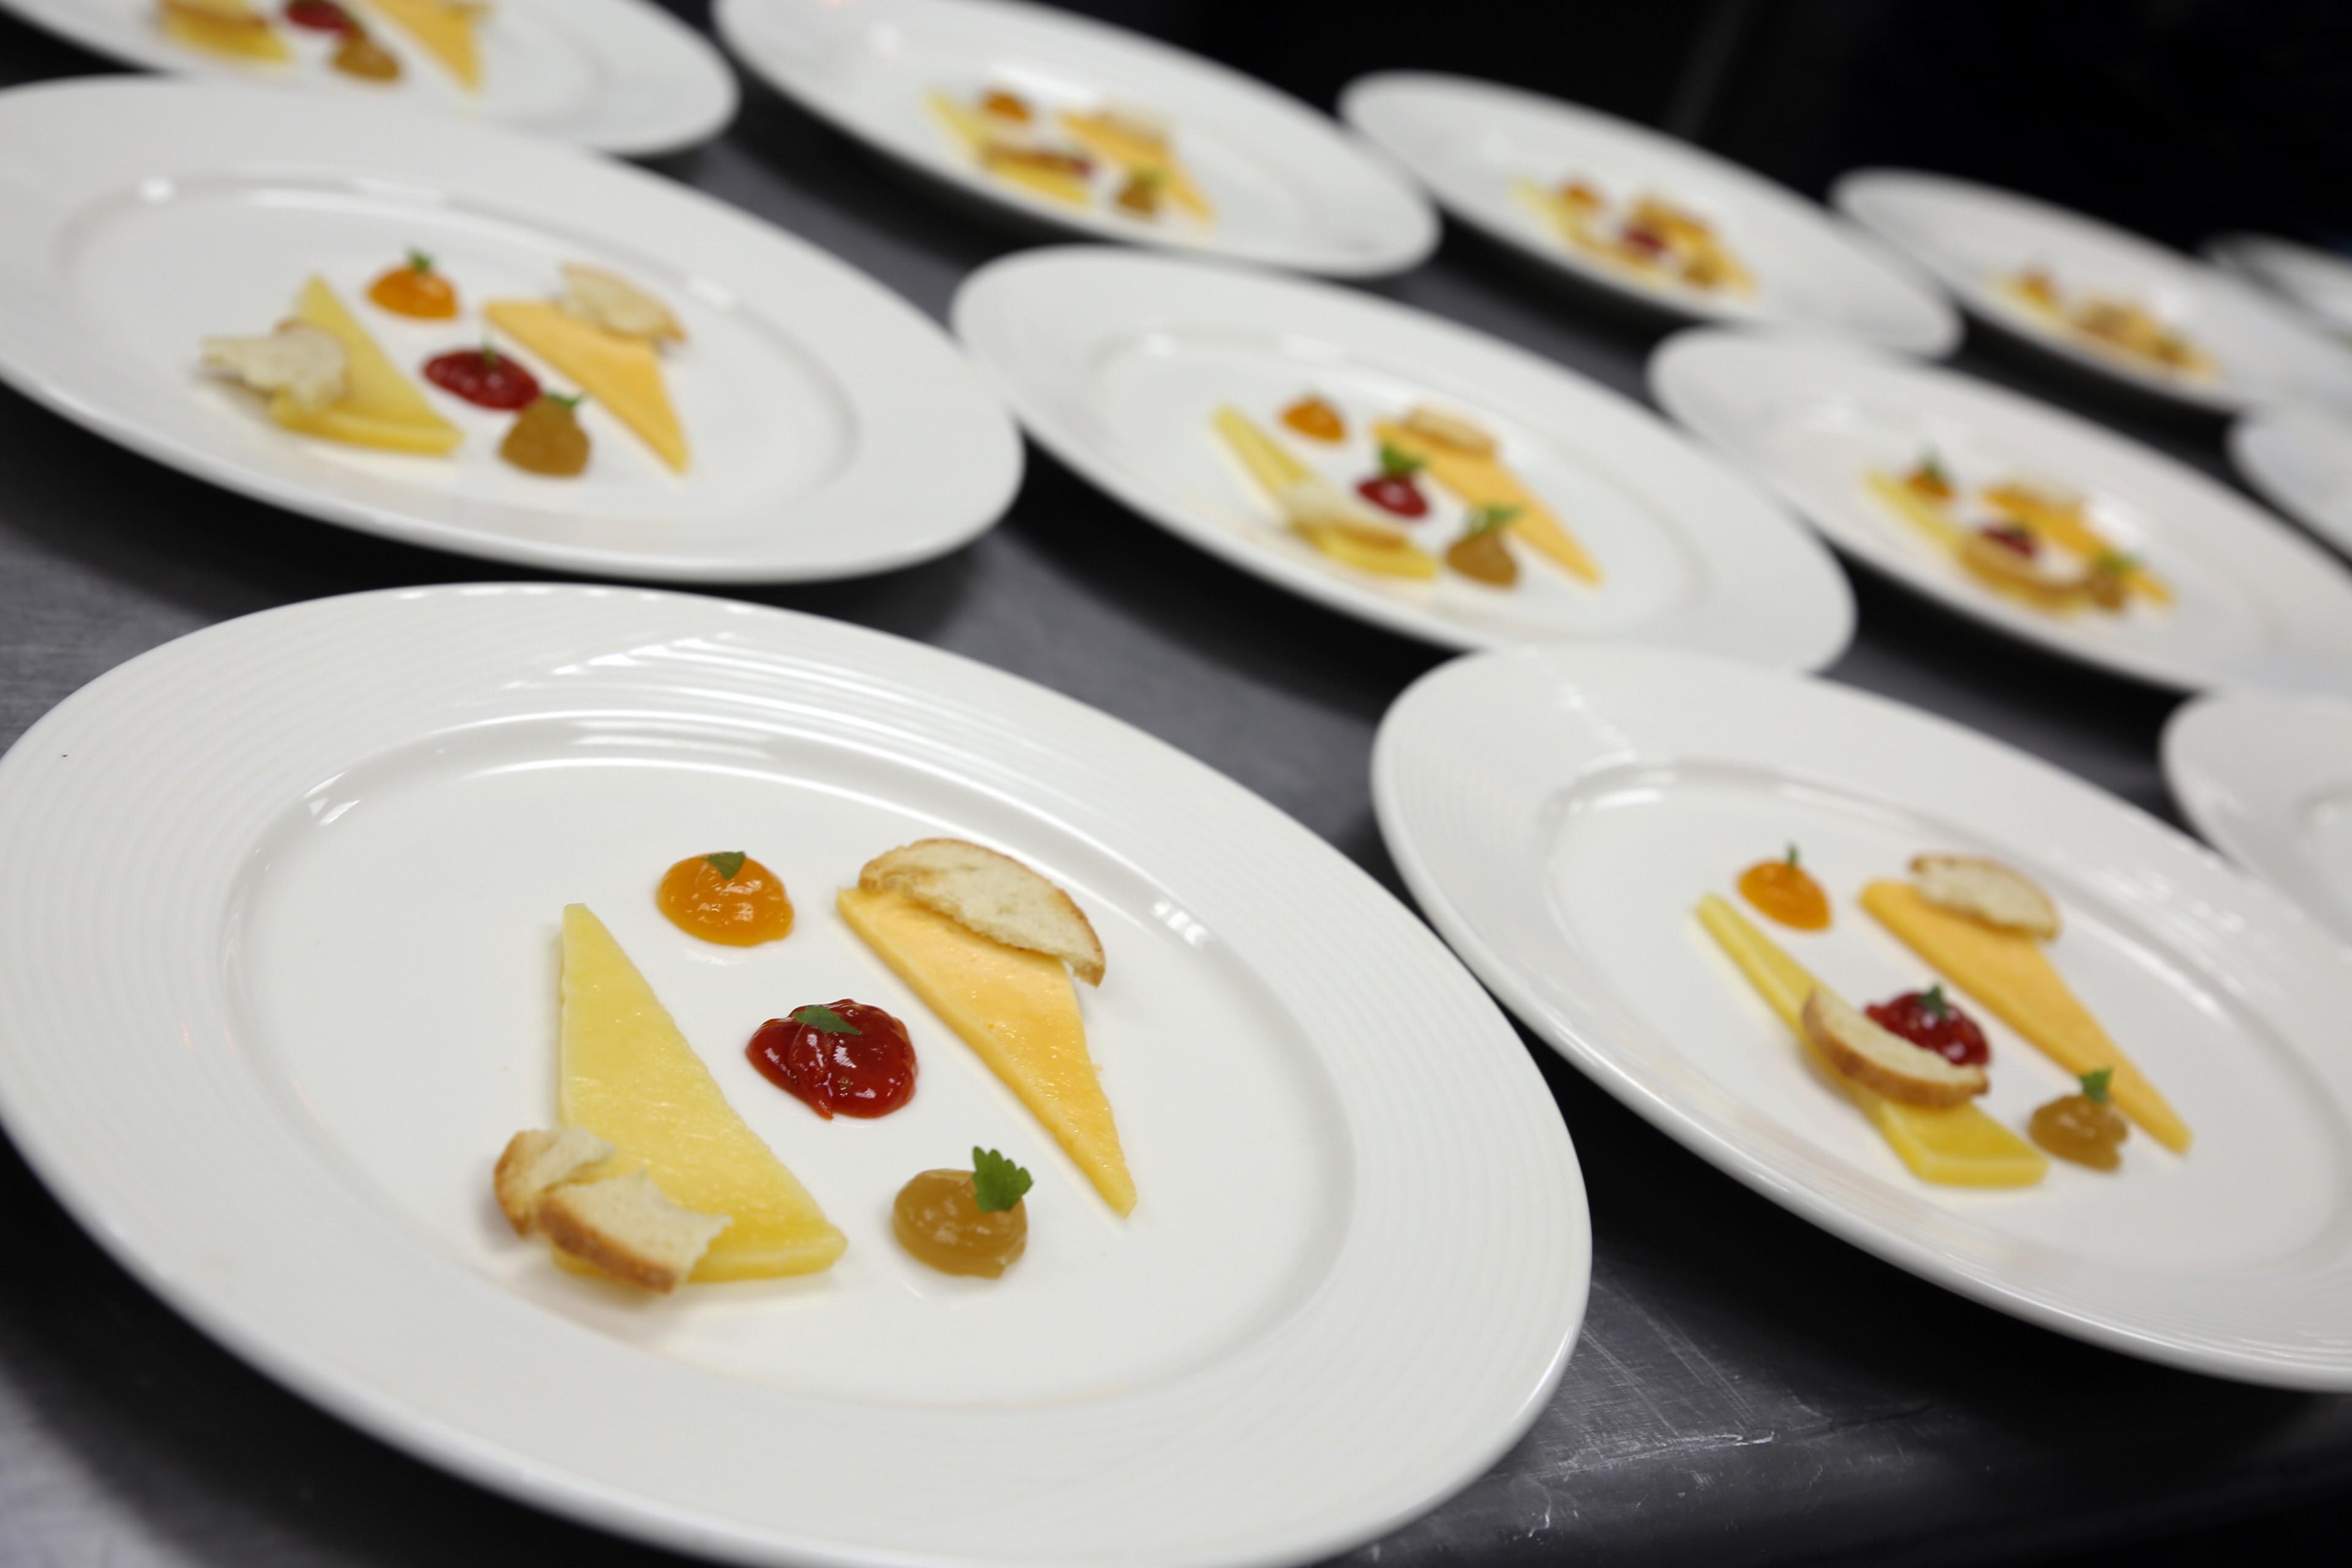 Dúo de queso puertorriqueño con jalea de tomate, con papaya y mango. Foto suministrada.